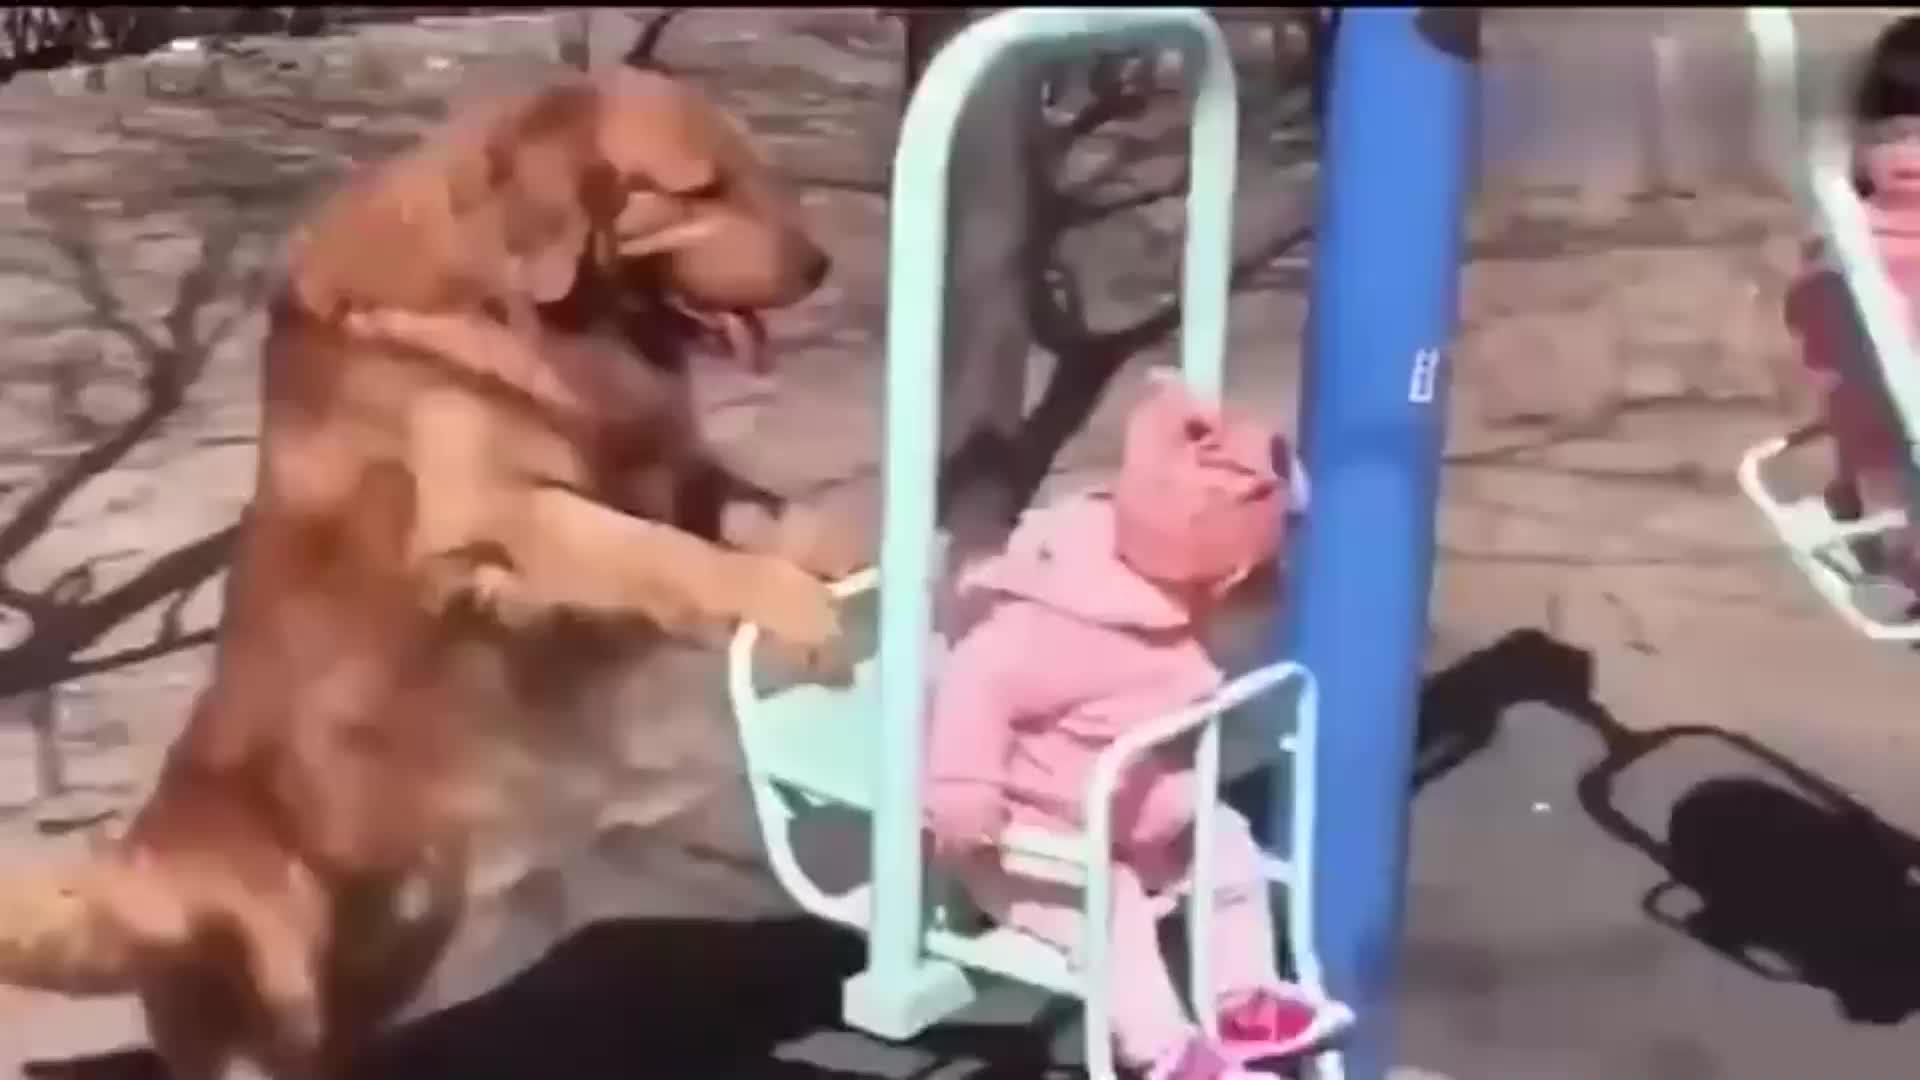 金毛陪小主人玩耍直接变身狗保姆接下来的画面太温馨啦